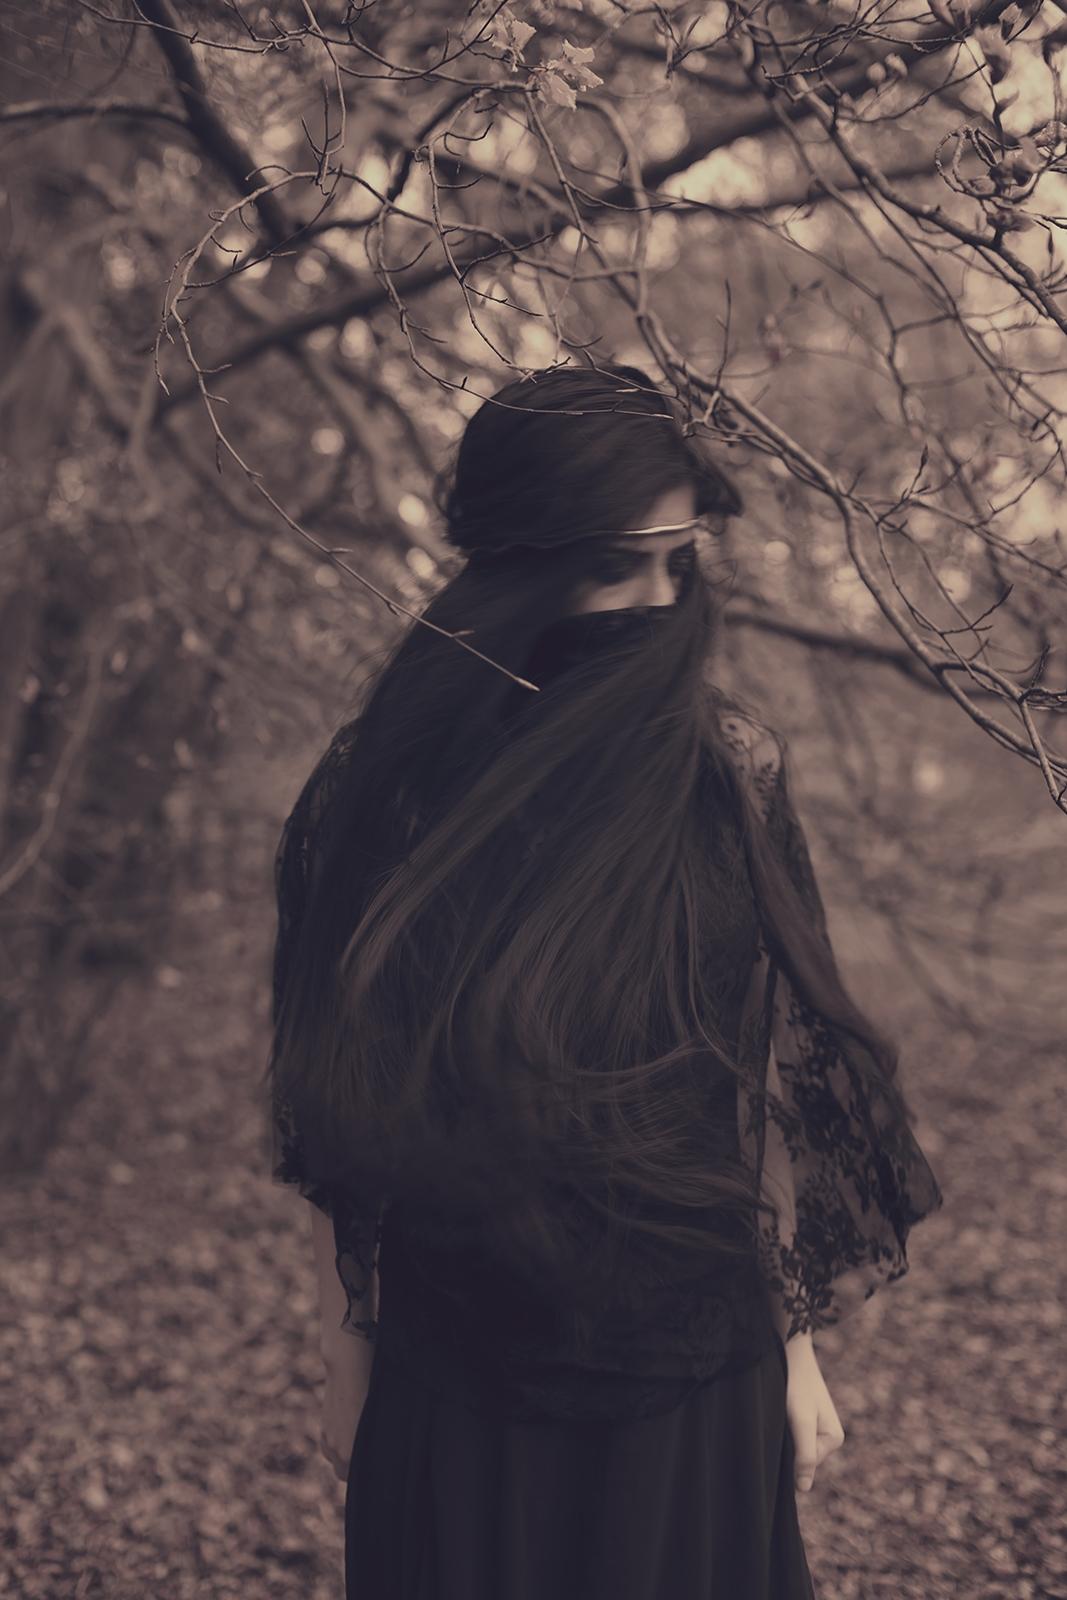 Farah - Melinoe Immortal